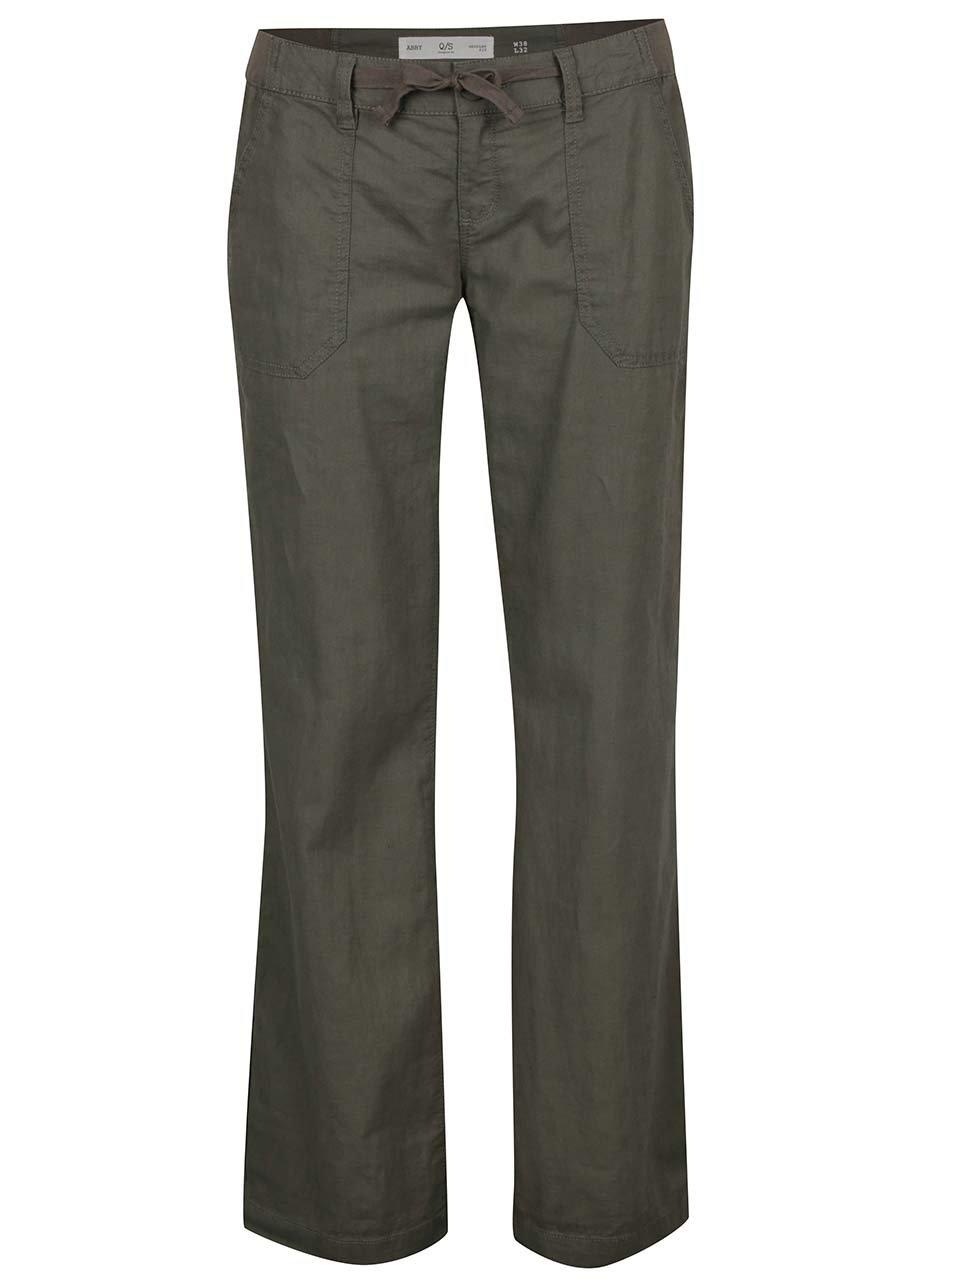 Khaki dámské volné lněné kalhoty s kapsami QS by s.Oliver